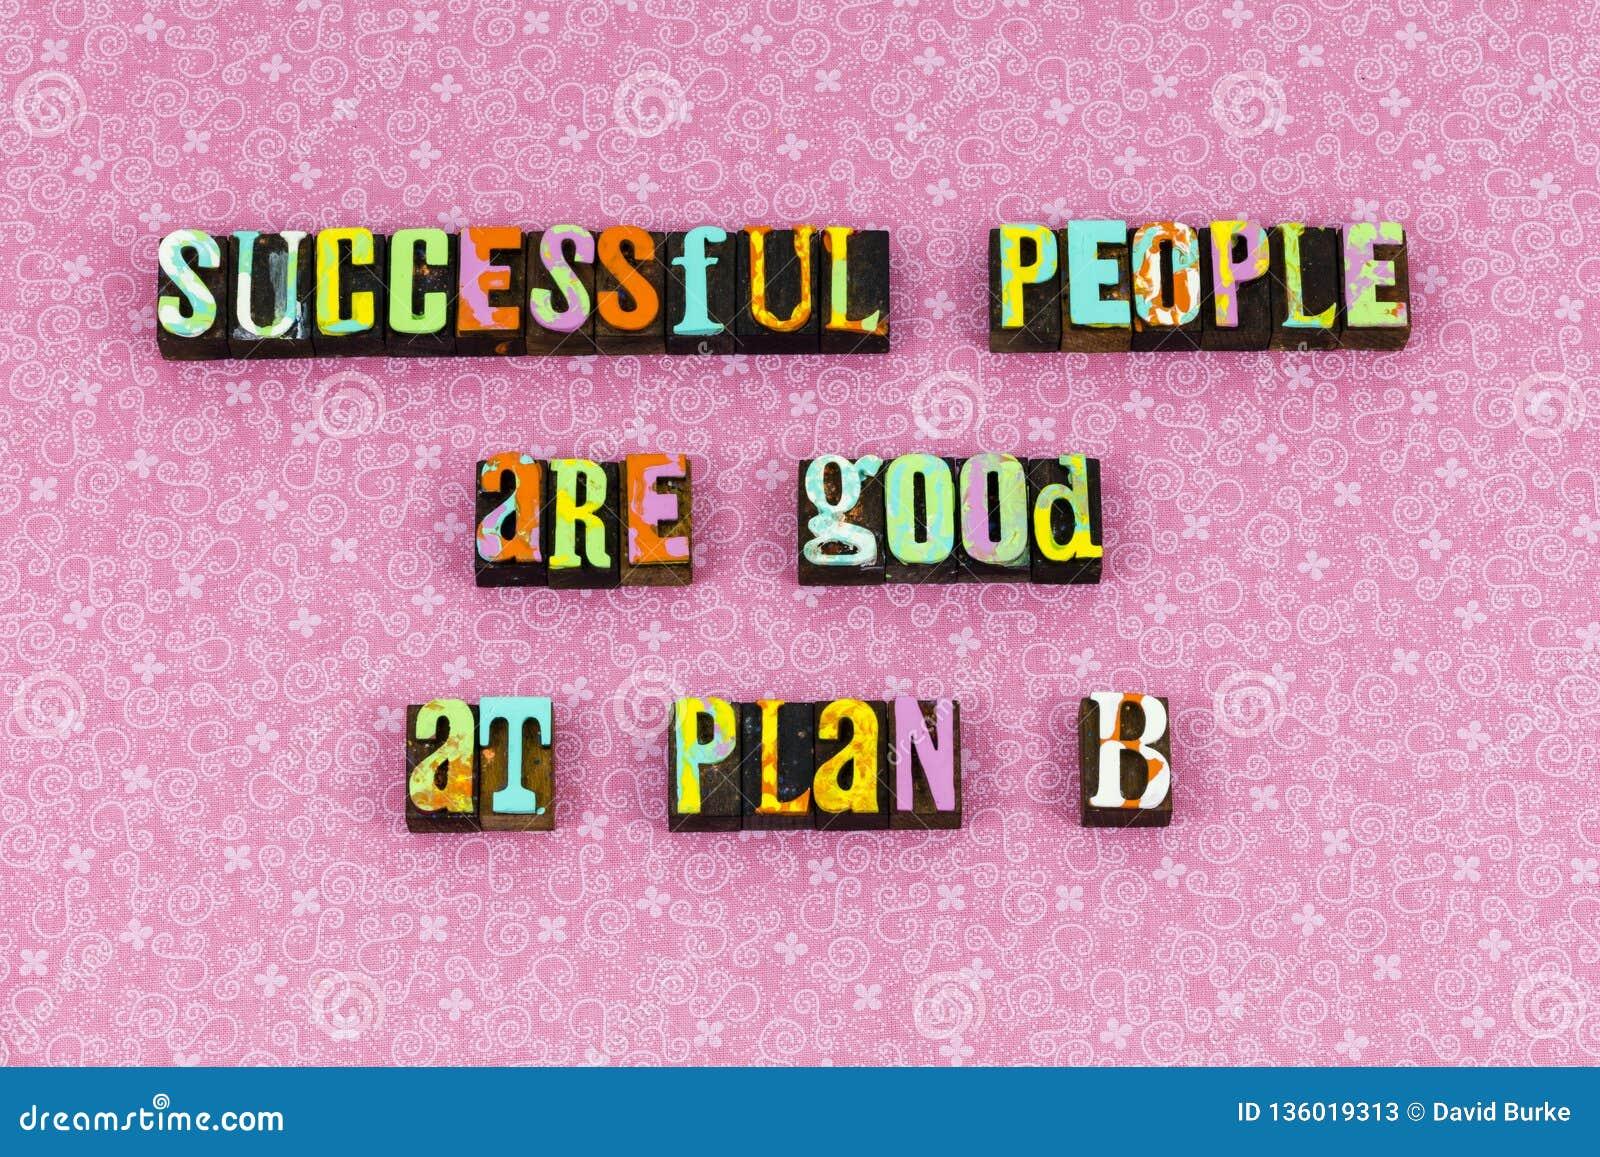 Success people plan prepare ready letterpress